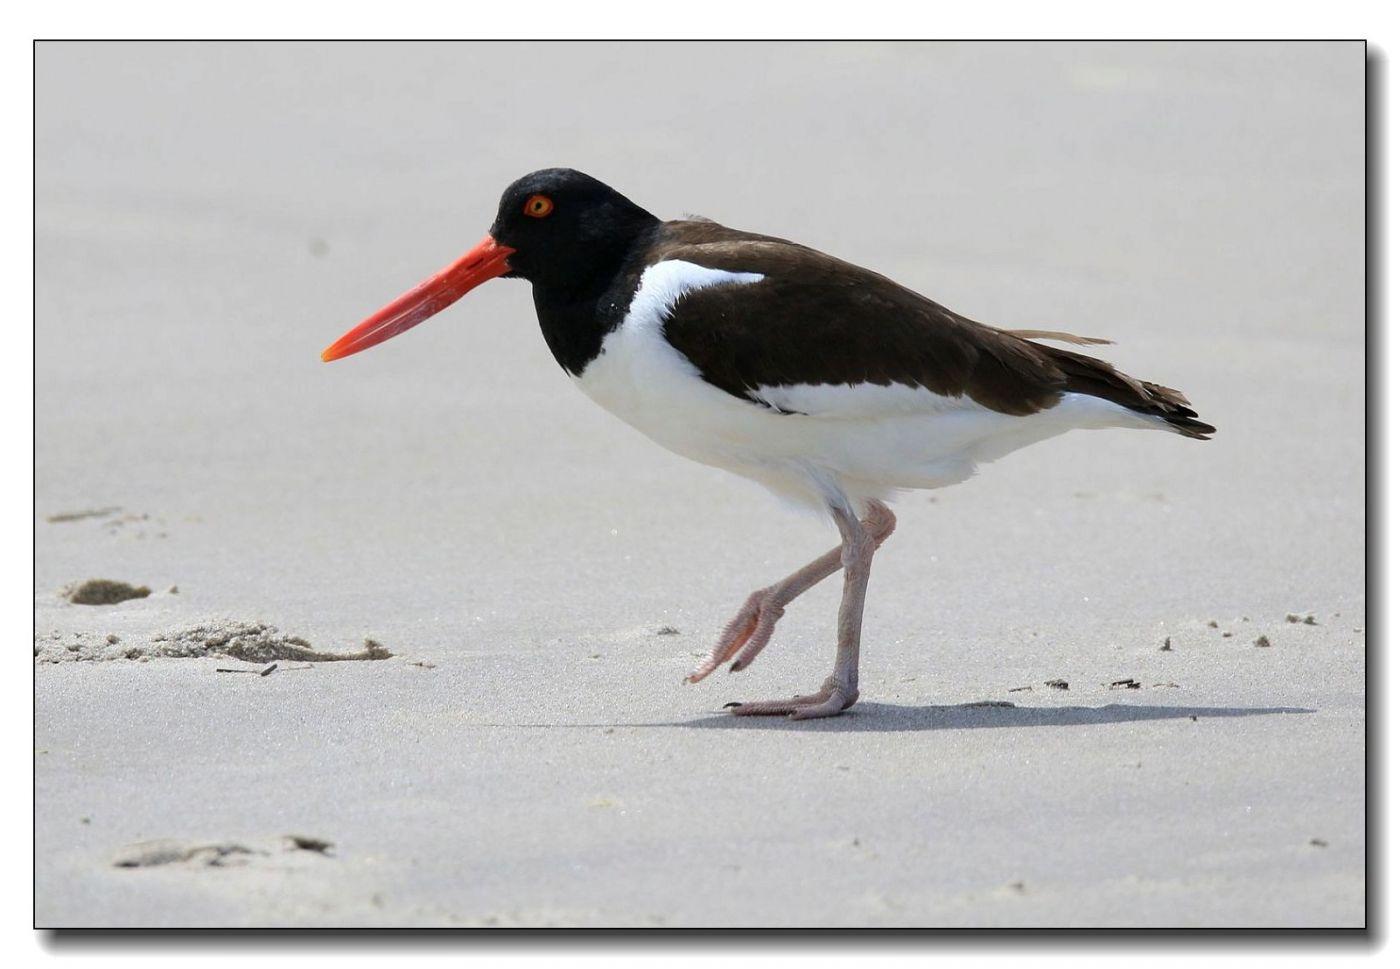 洛克威海滩拍鸟—励鹬_图1-1